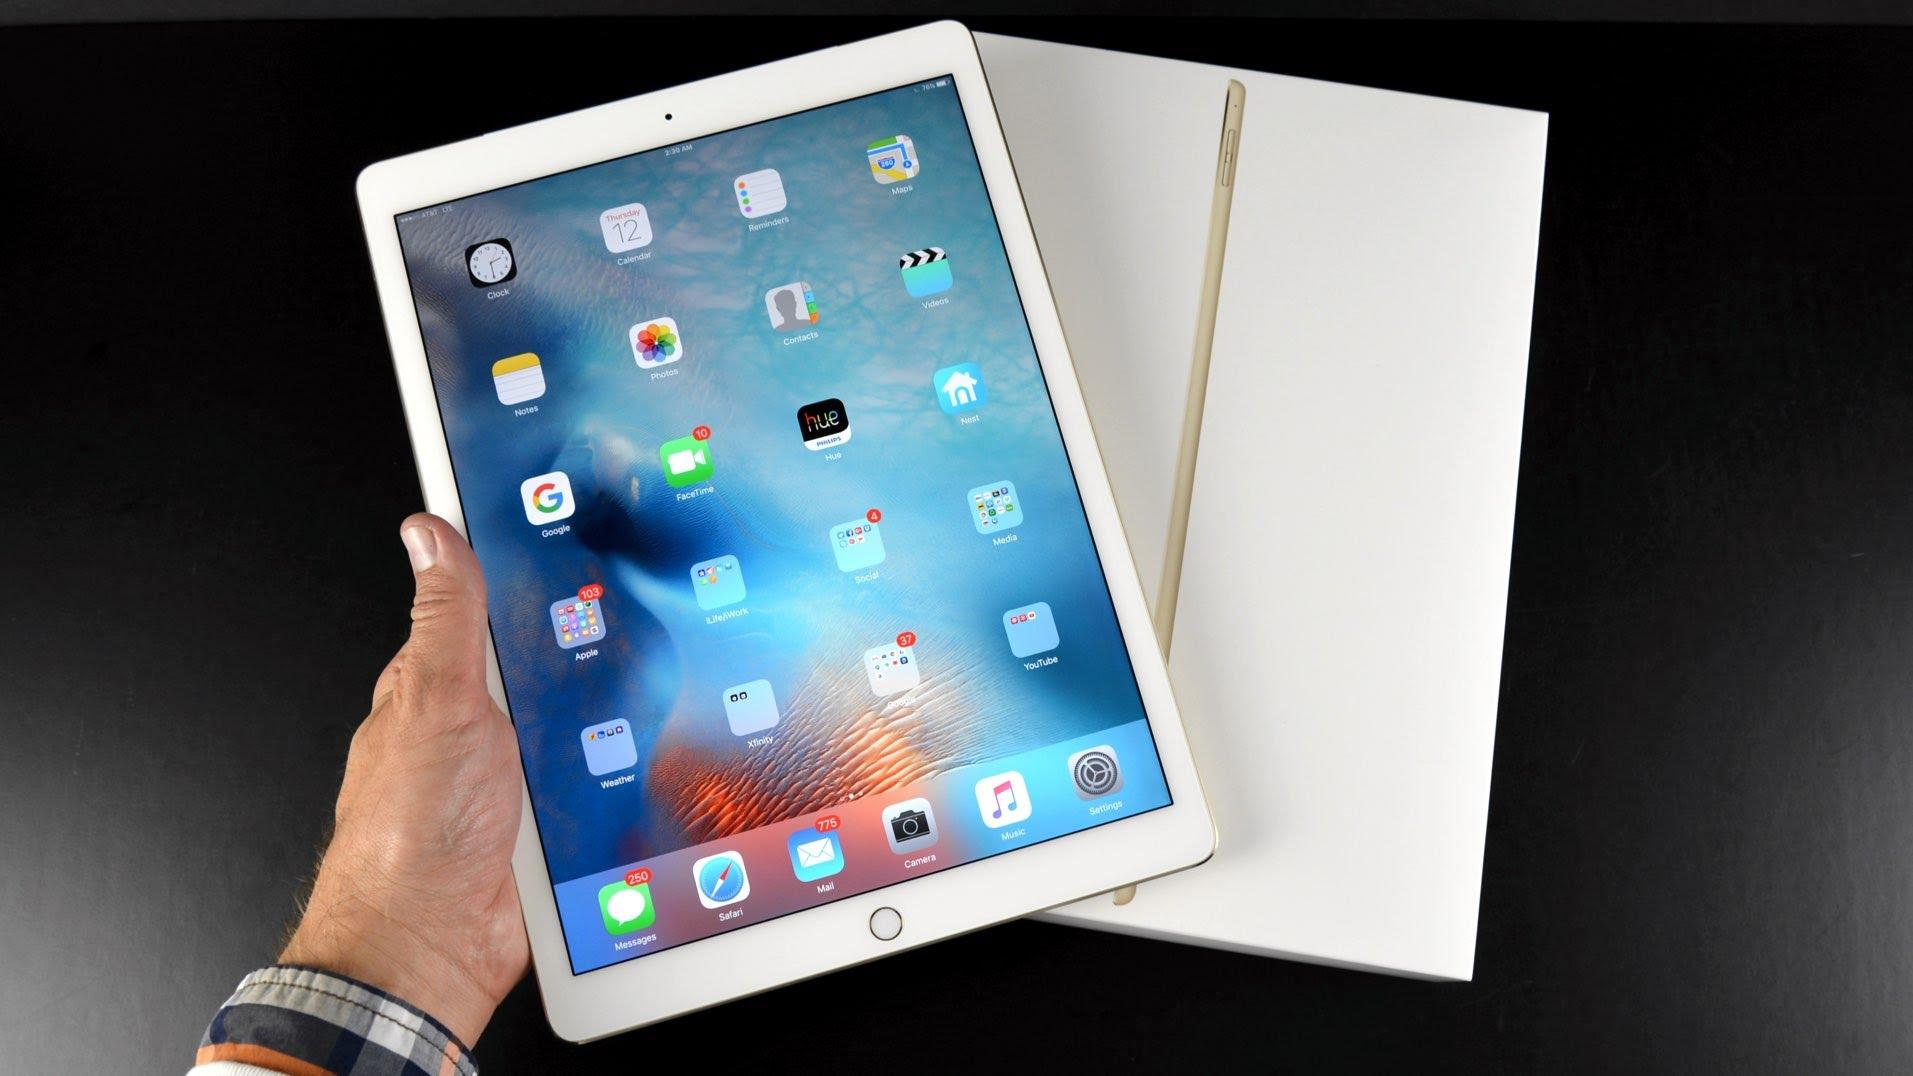 Apple обвиняют в убийстве человека с использованием iPad - фото 1 | Сервисный центр Total Apple